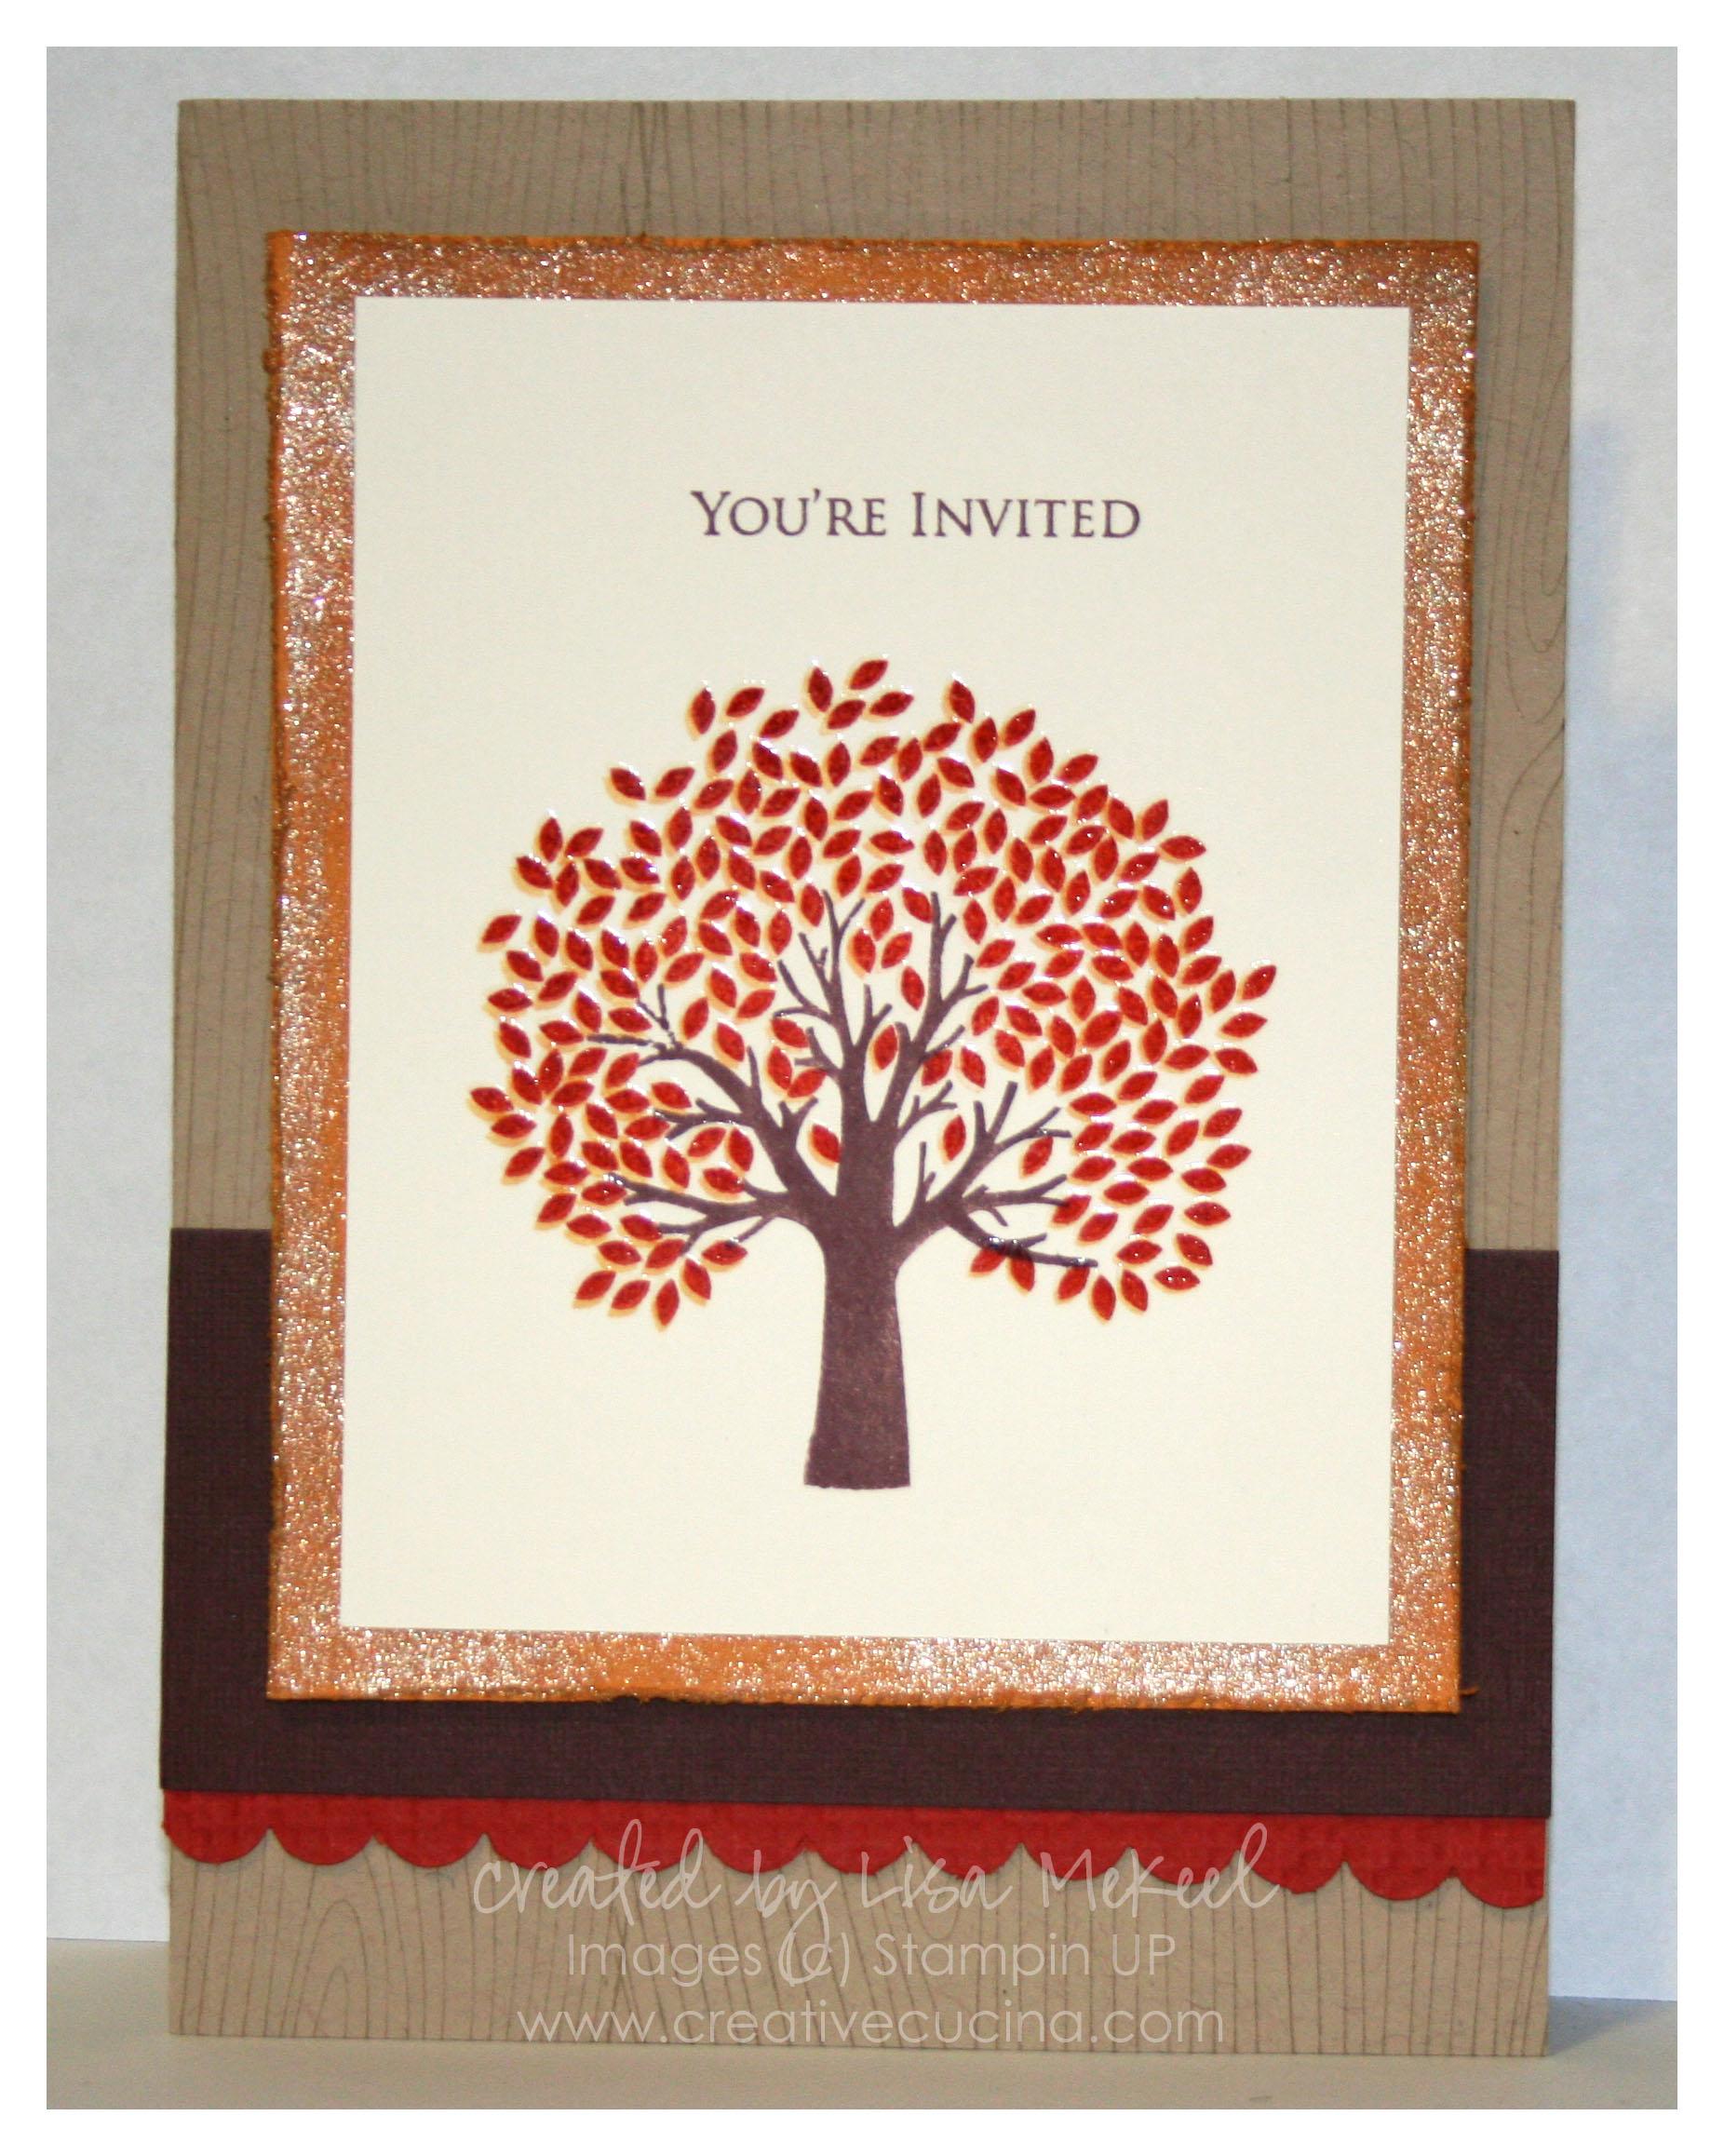 Fall Wedding DIY Ideas – Diy Fall Wedding Invitations